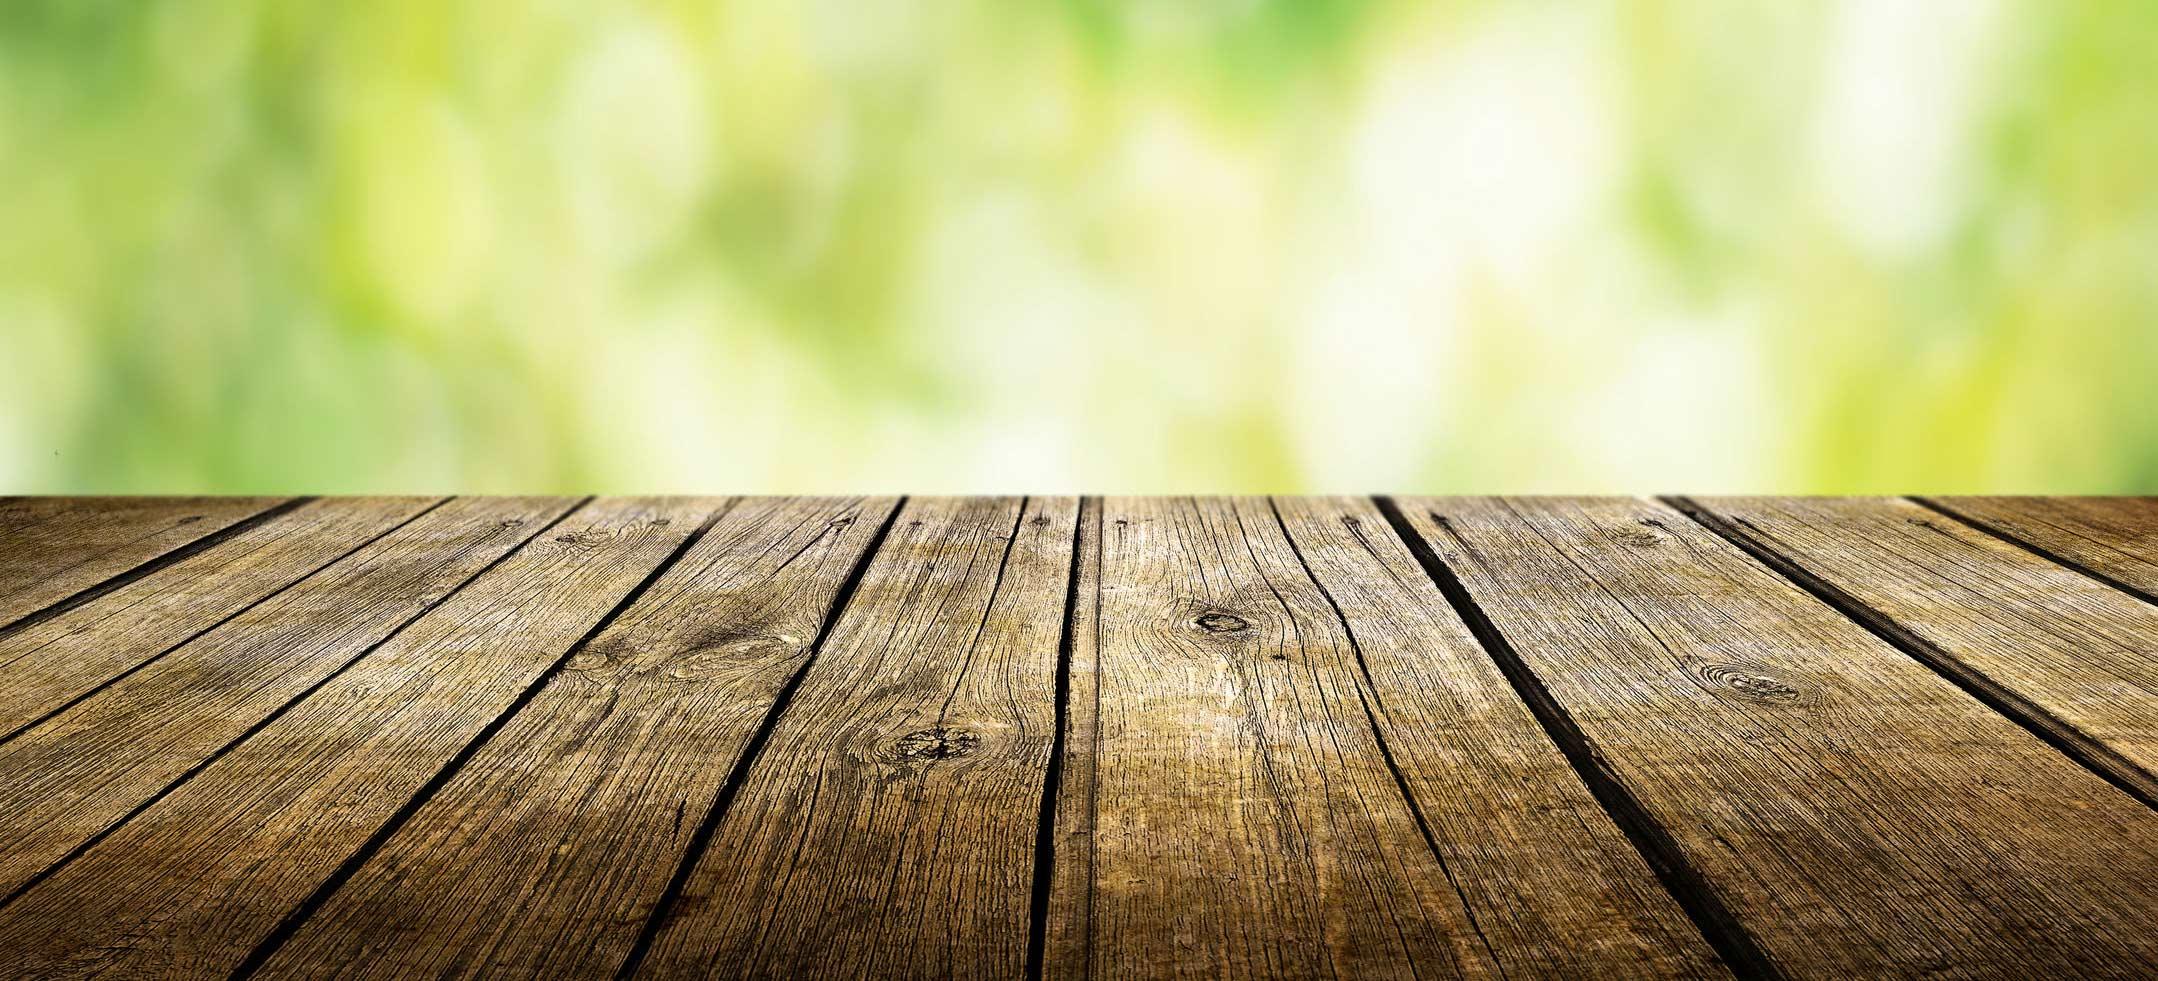 Hintergrund Slider Holz